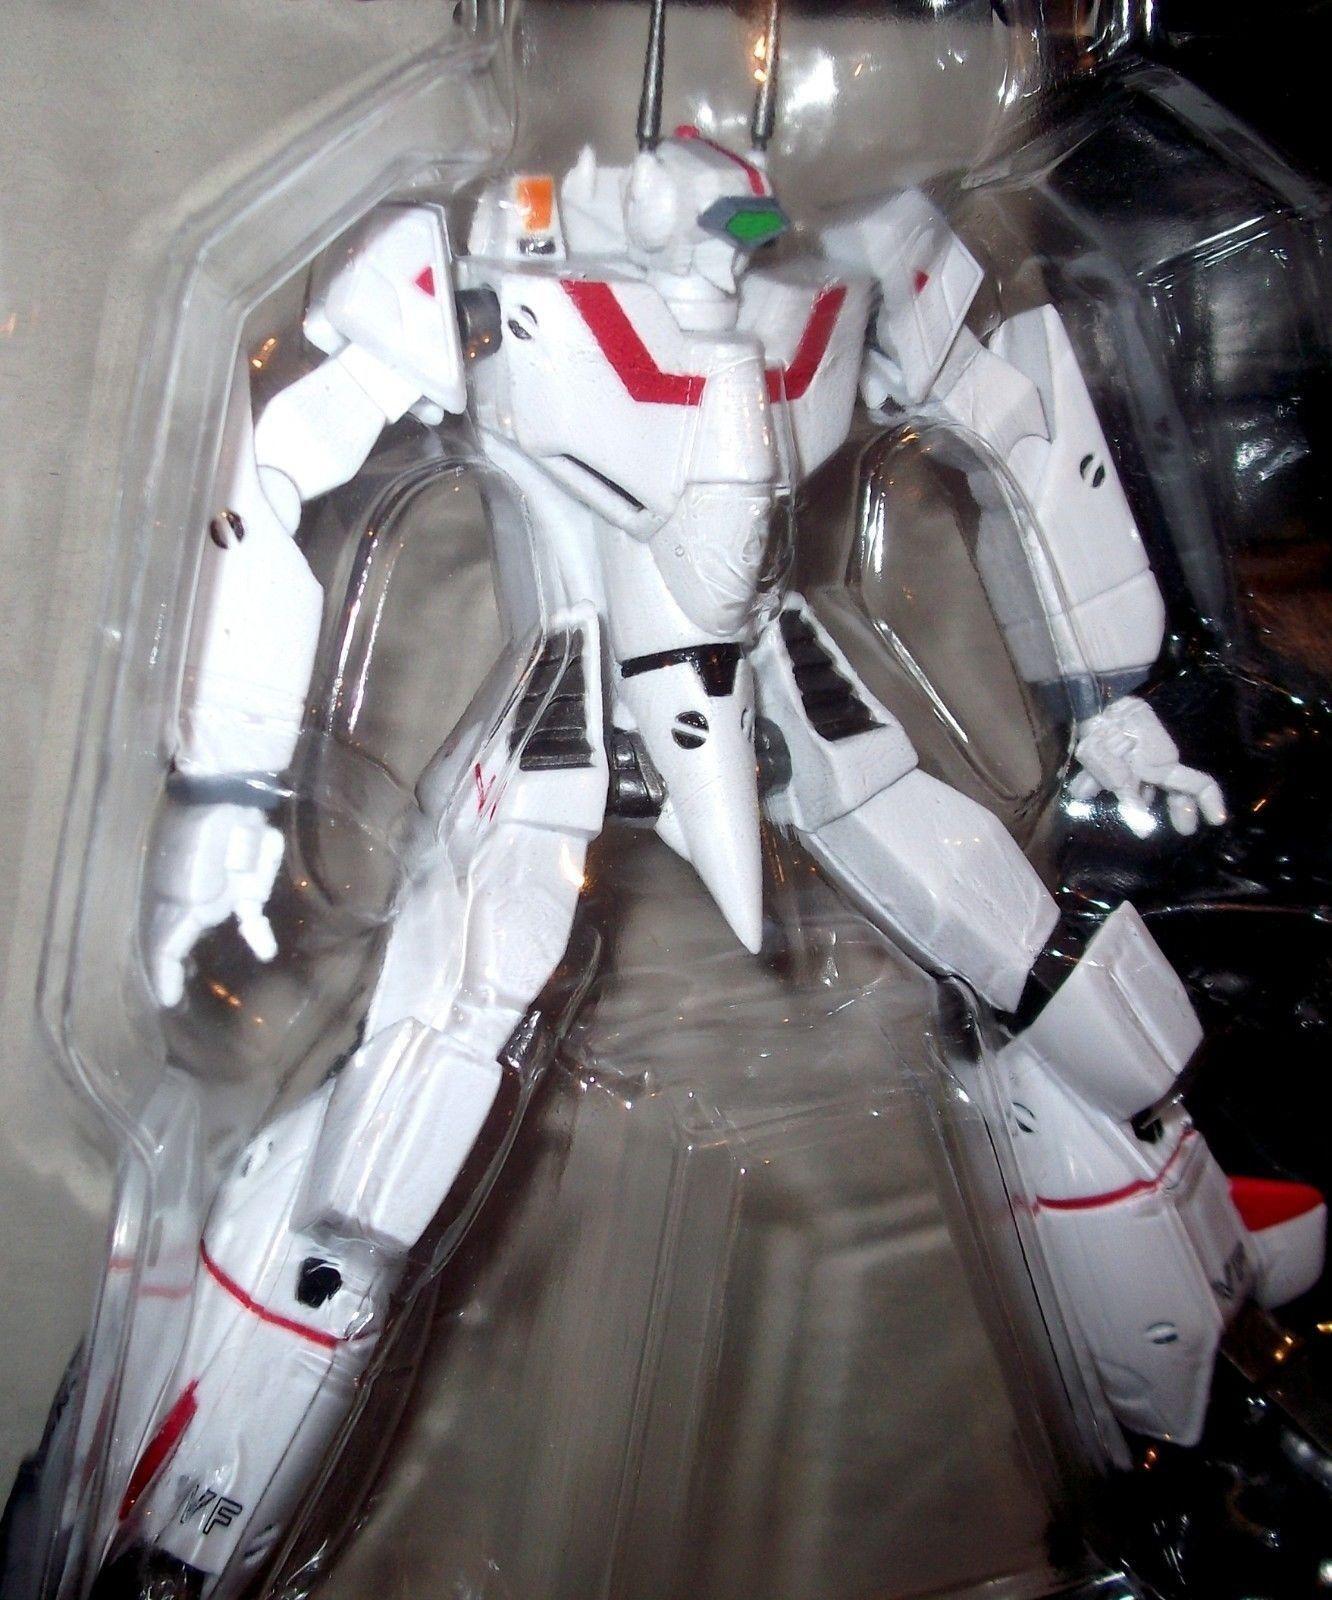 Robotech  Macross Valkyrie Présentoir figure  VF-1J Sega Hikaru-Type (toynami) excellent état utilisé  prix bas tous les jours